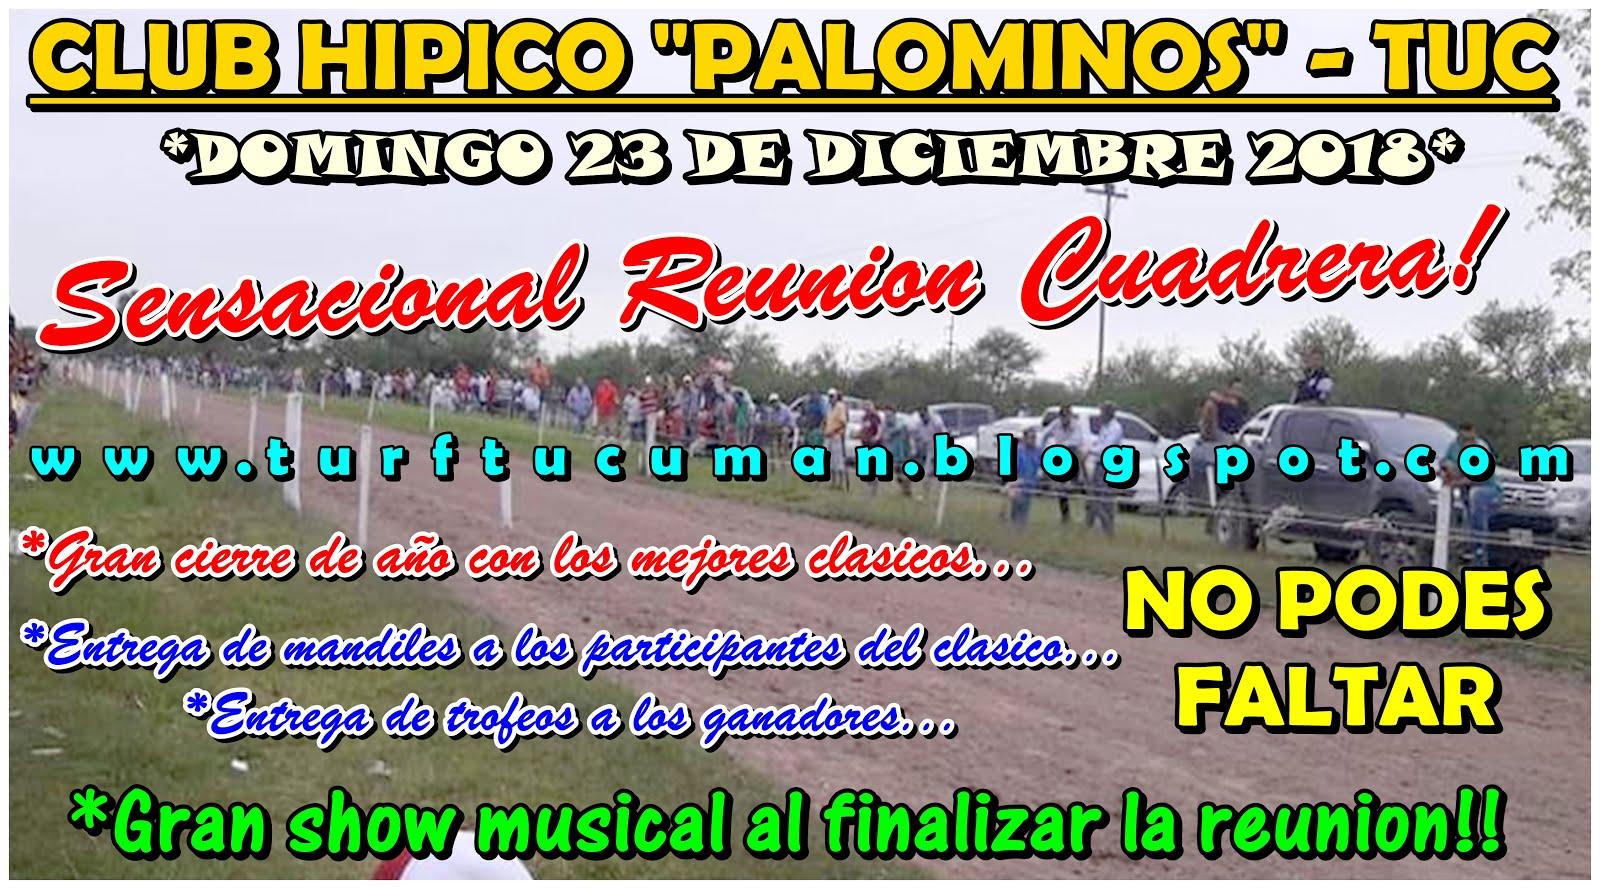 PALOMINOS DGO 23